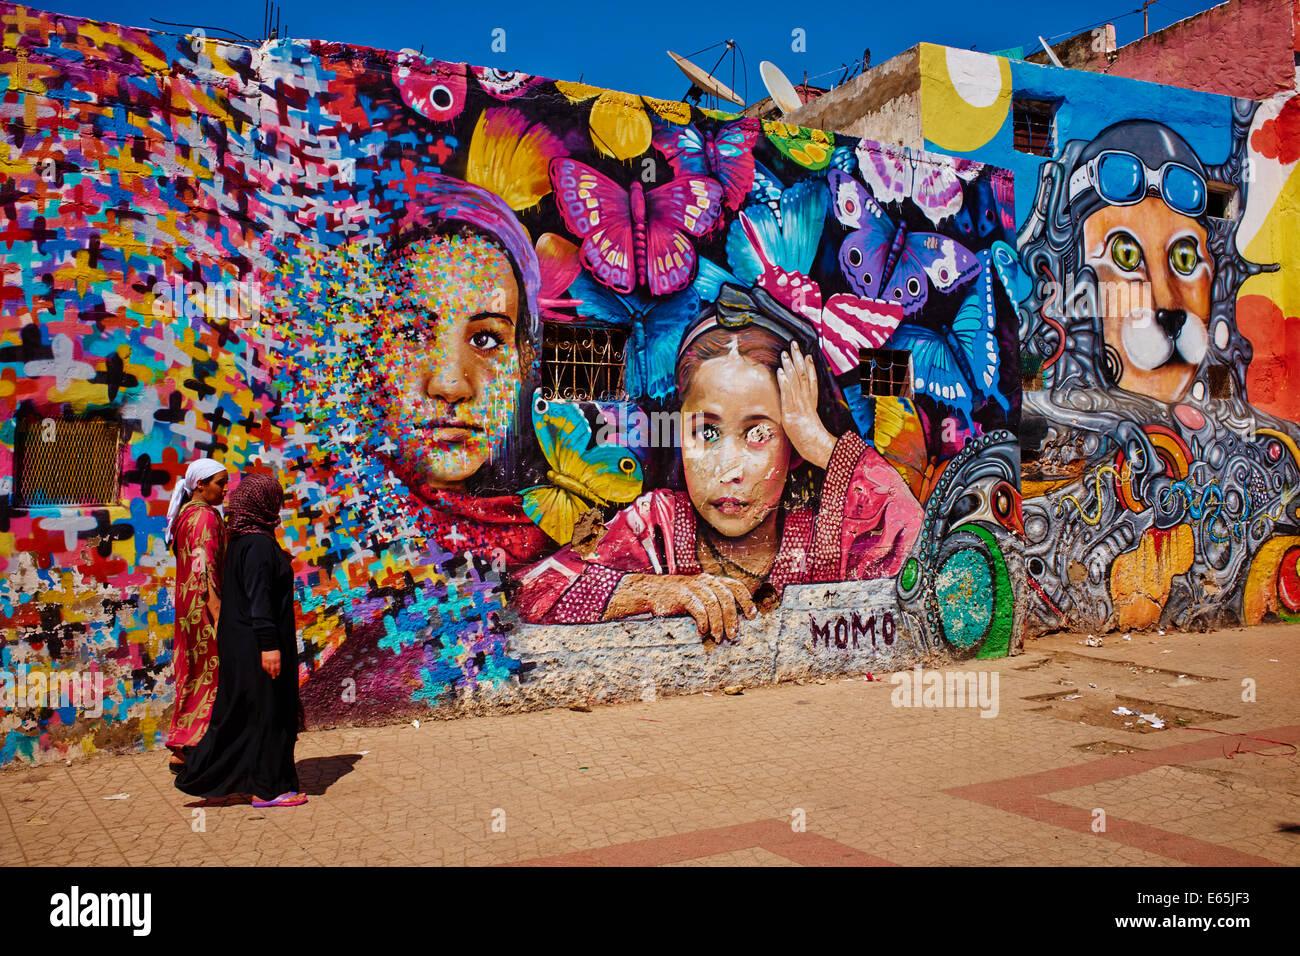 Il Marocco, Casablanca, pittura murale, centro città Immagini Stock